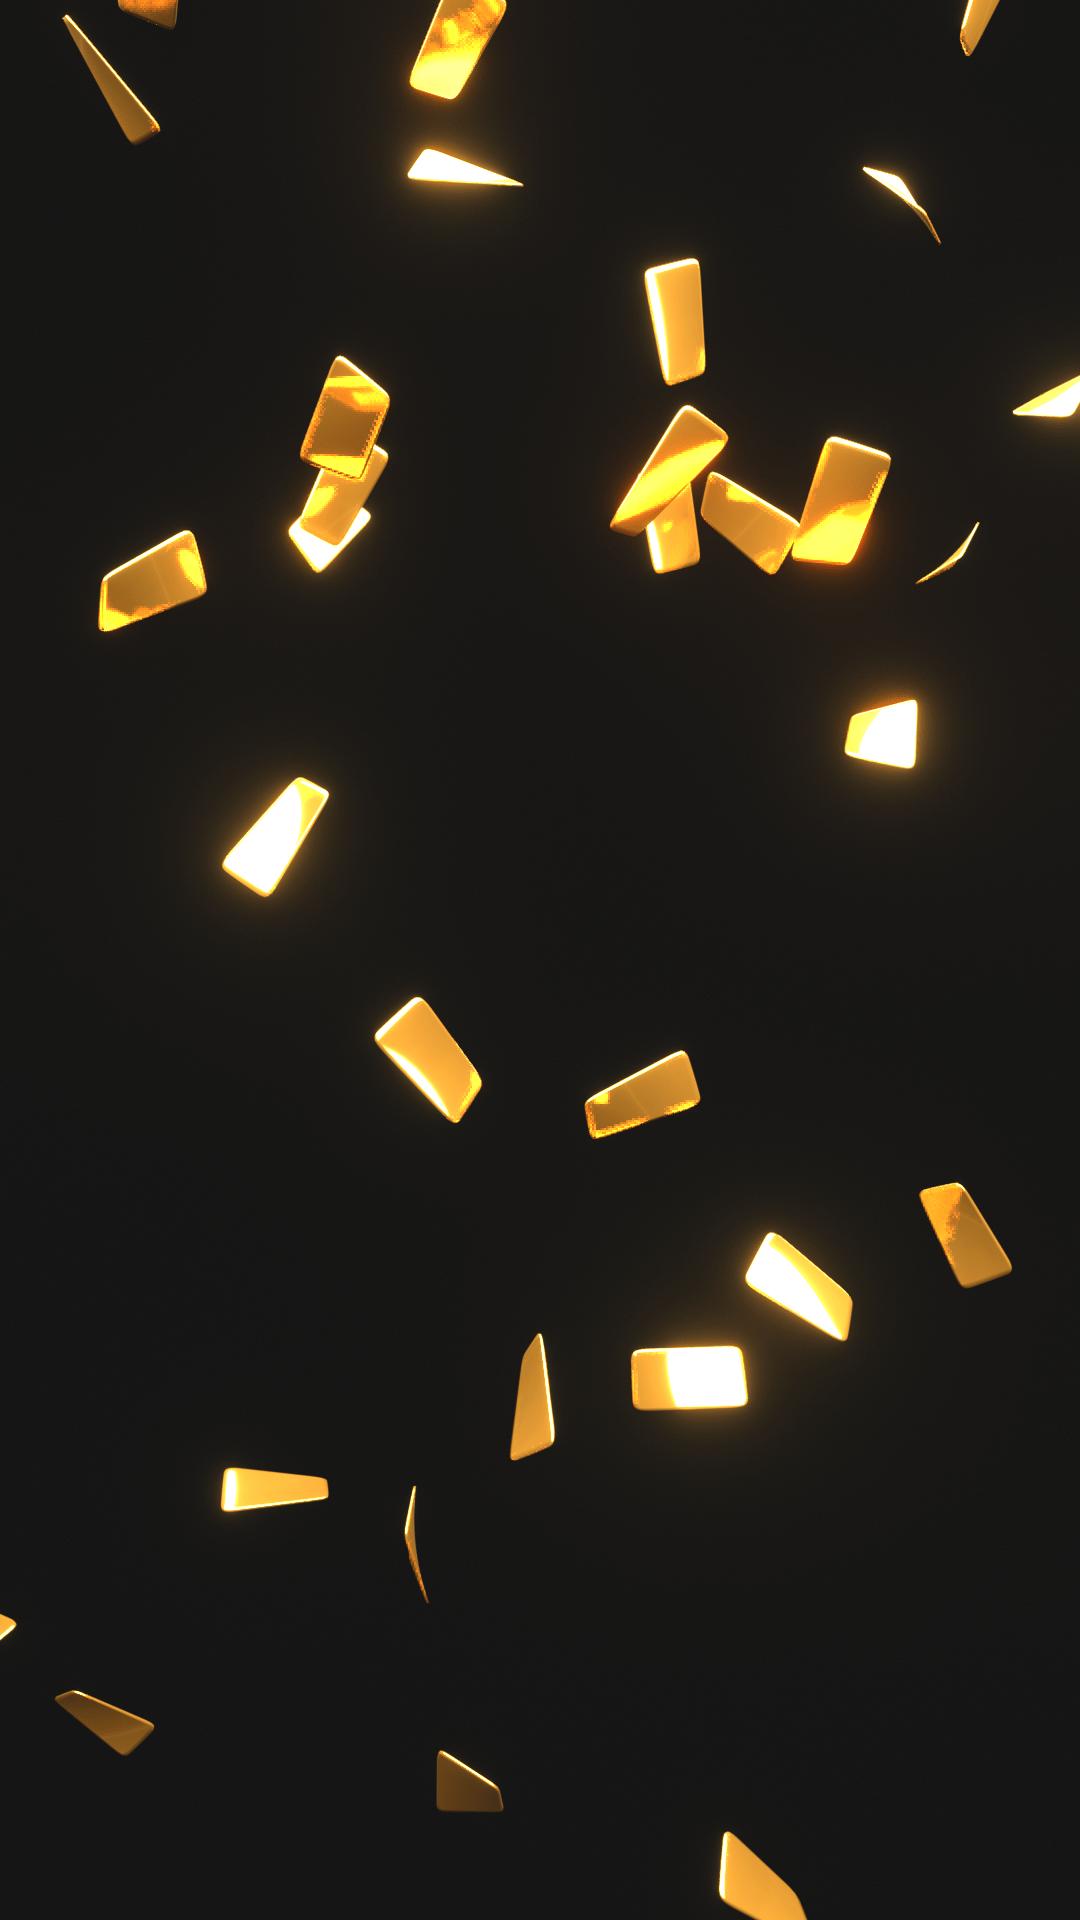 Confetti Gif Transparent Background : confetti, transparent, background, Confetti, Royalty-Free, Video, Overlay